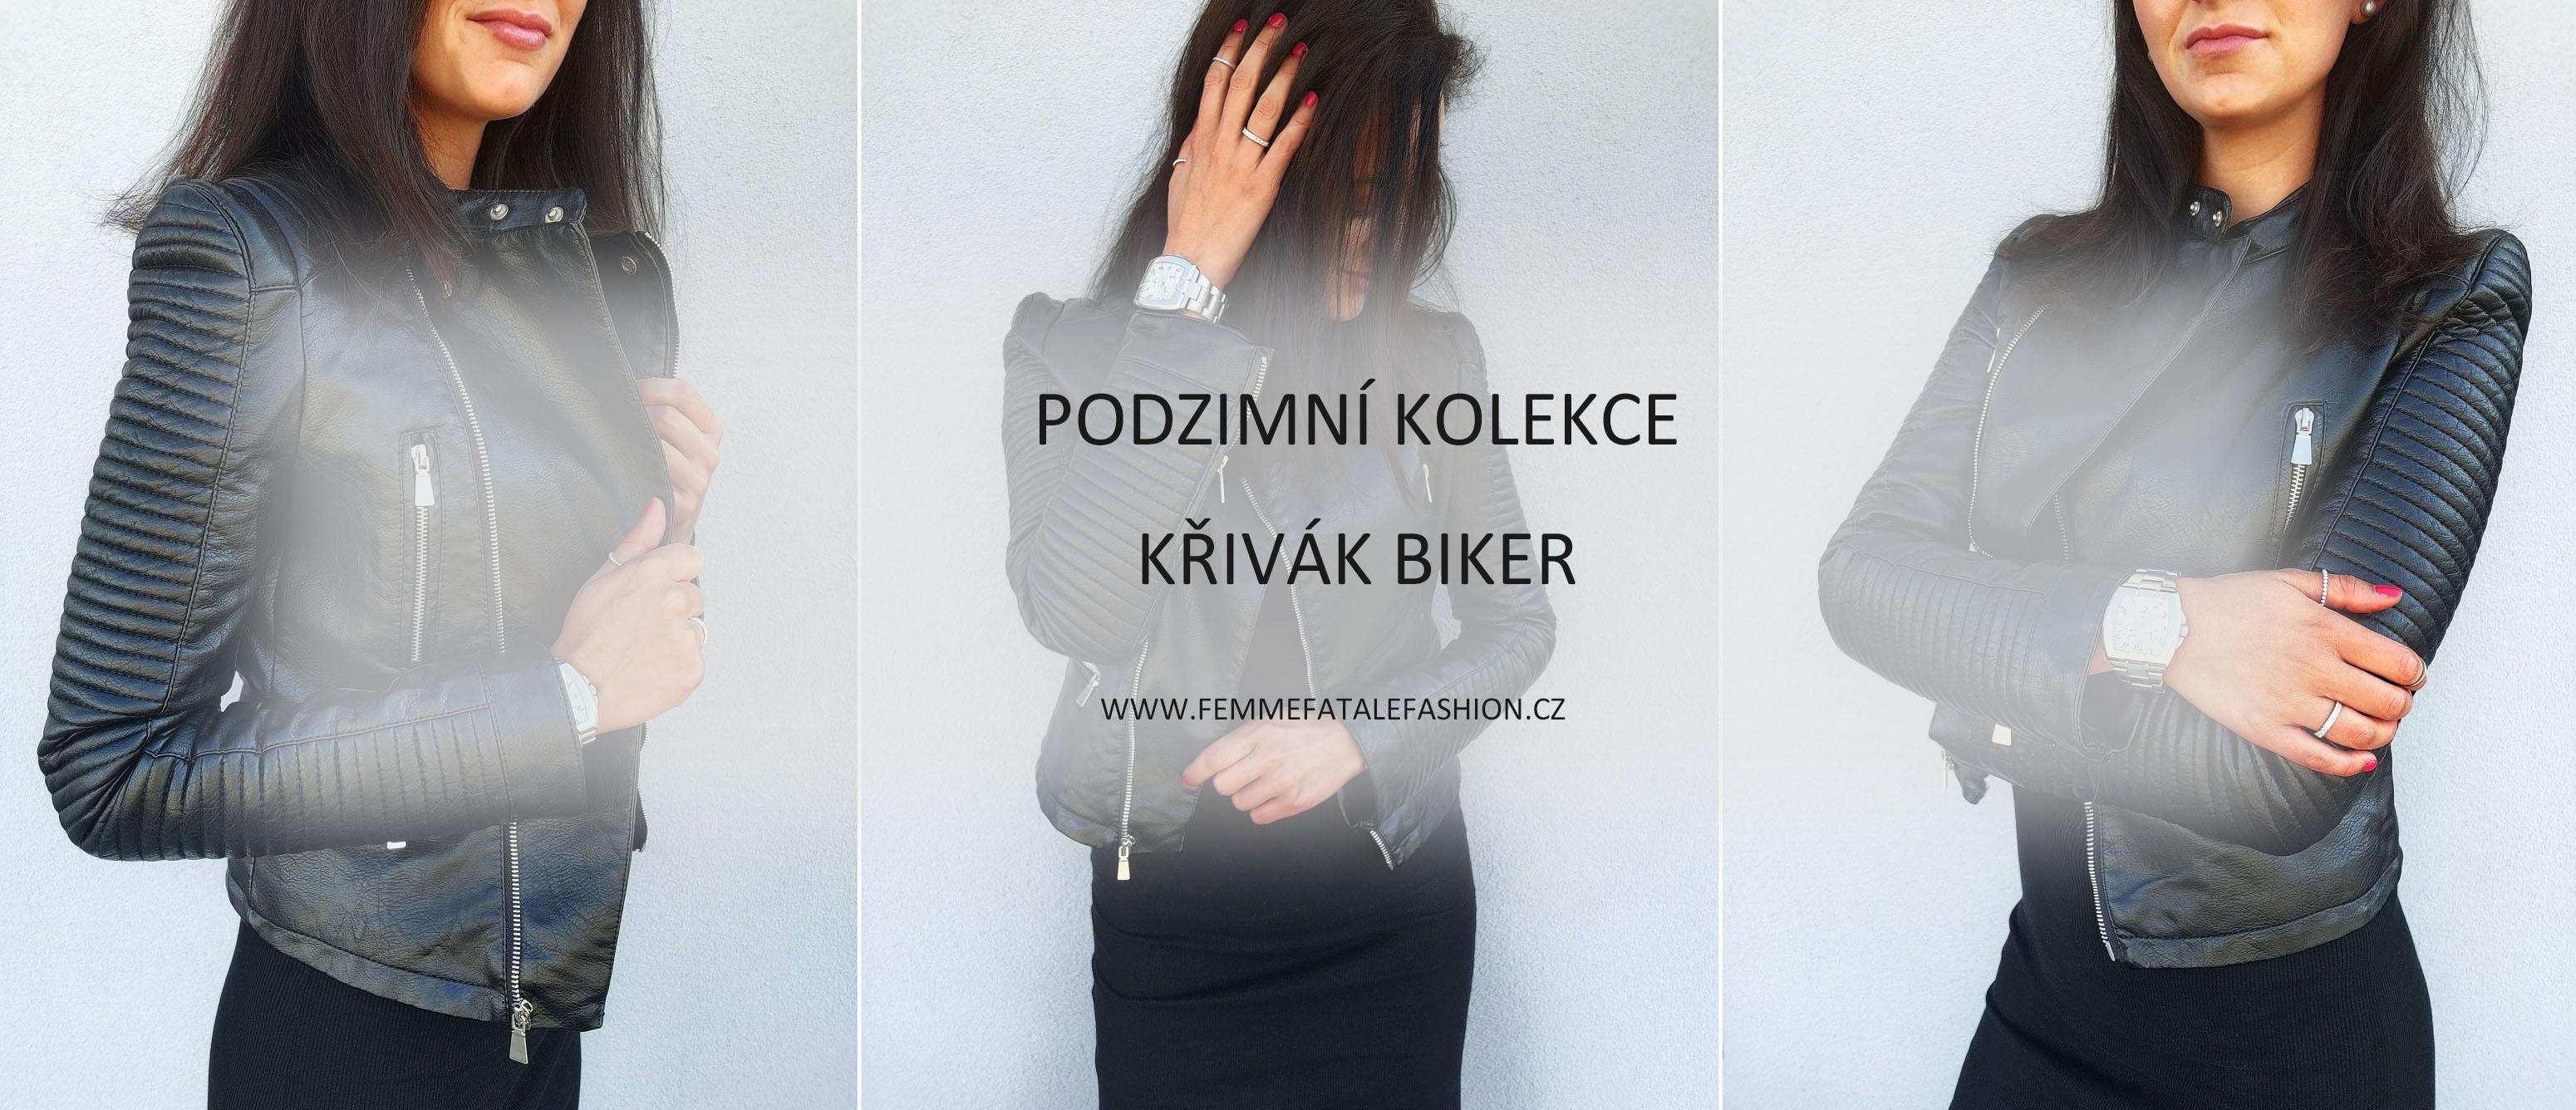 Podzimní kolekce, Křivák Biker